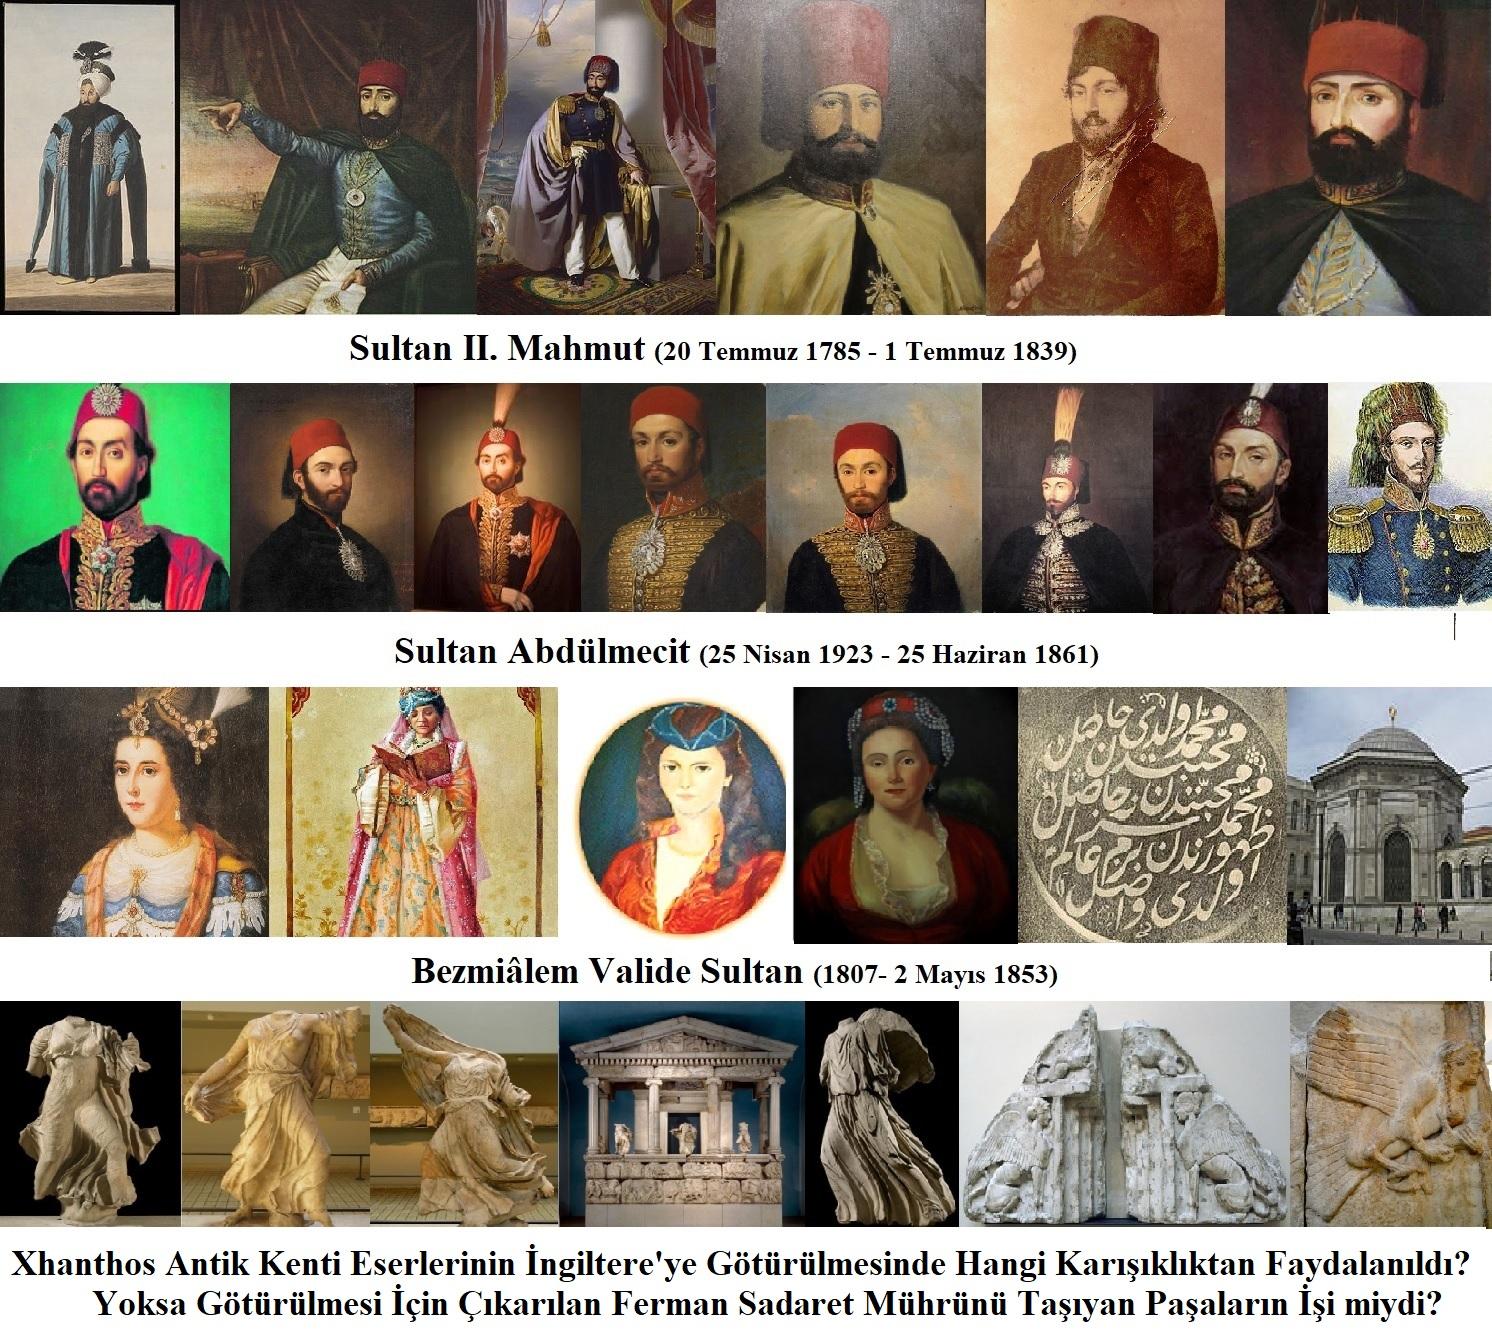 Xanthos Antik Kenti'ndeki Eserlerin İngiltere'ye Götürülme Fermanını II. Mahmut mu Verdi?